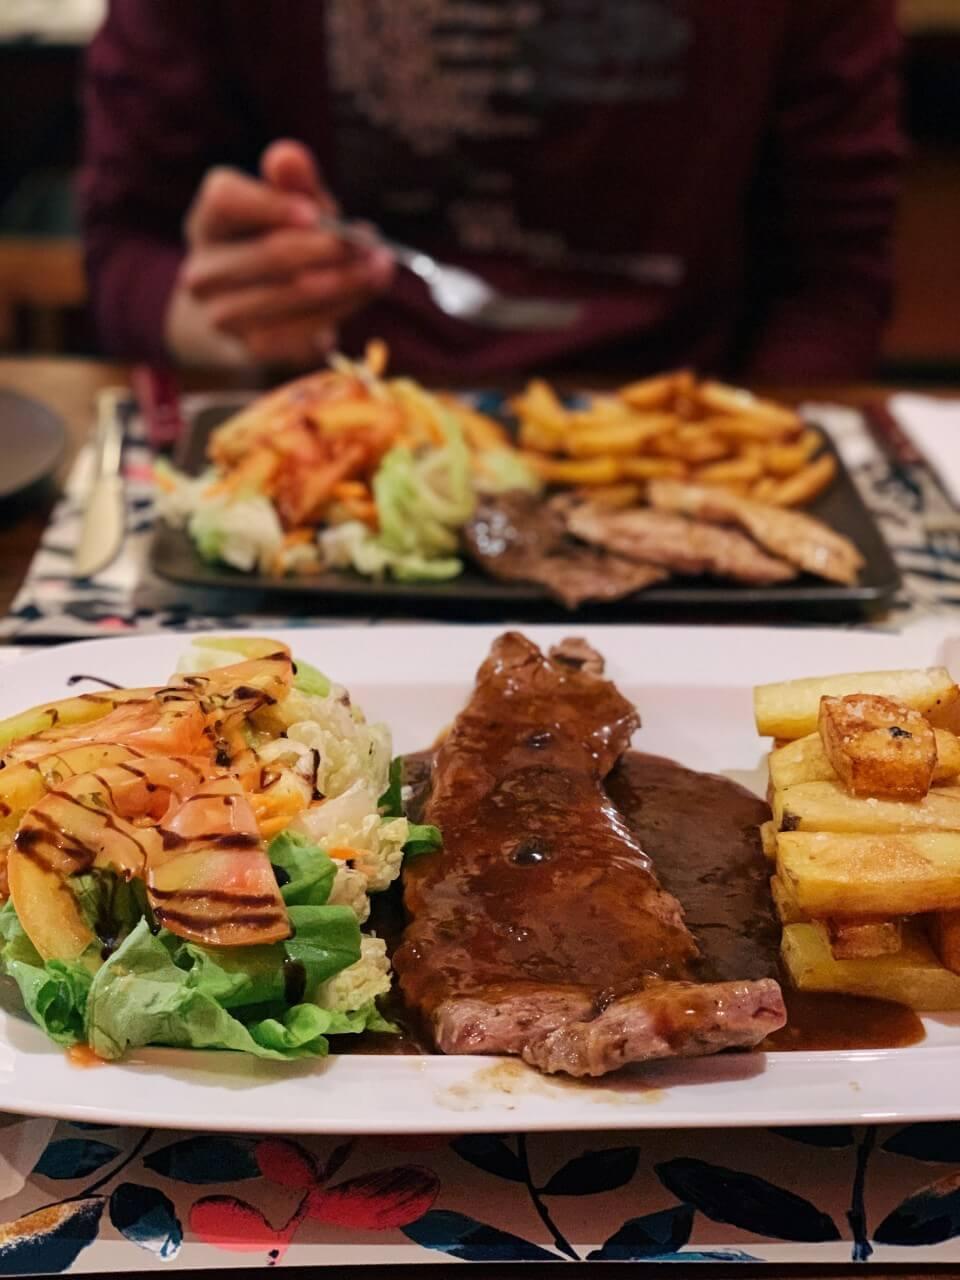 【里斯本美食推薦】道地便宜美食,里斯本平價餐廳整理 1